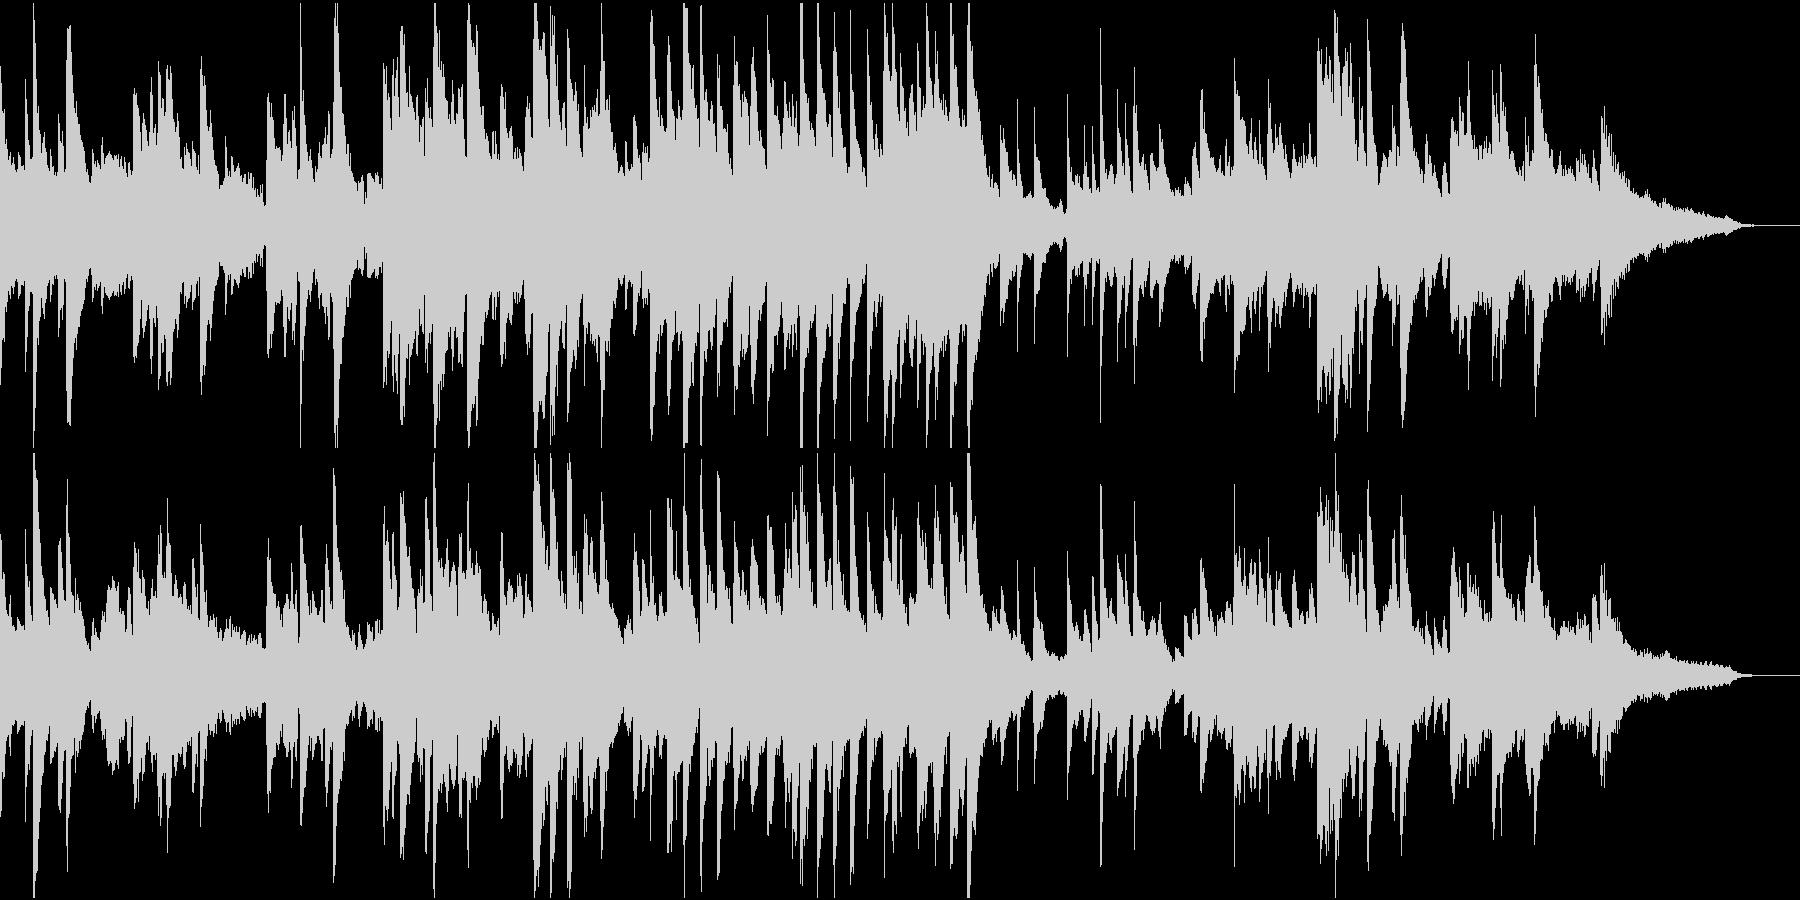 ピアノとフルートの昼休みっぽい音楽の未再生の波形